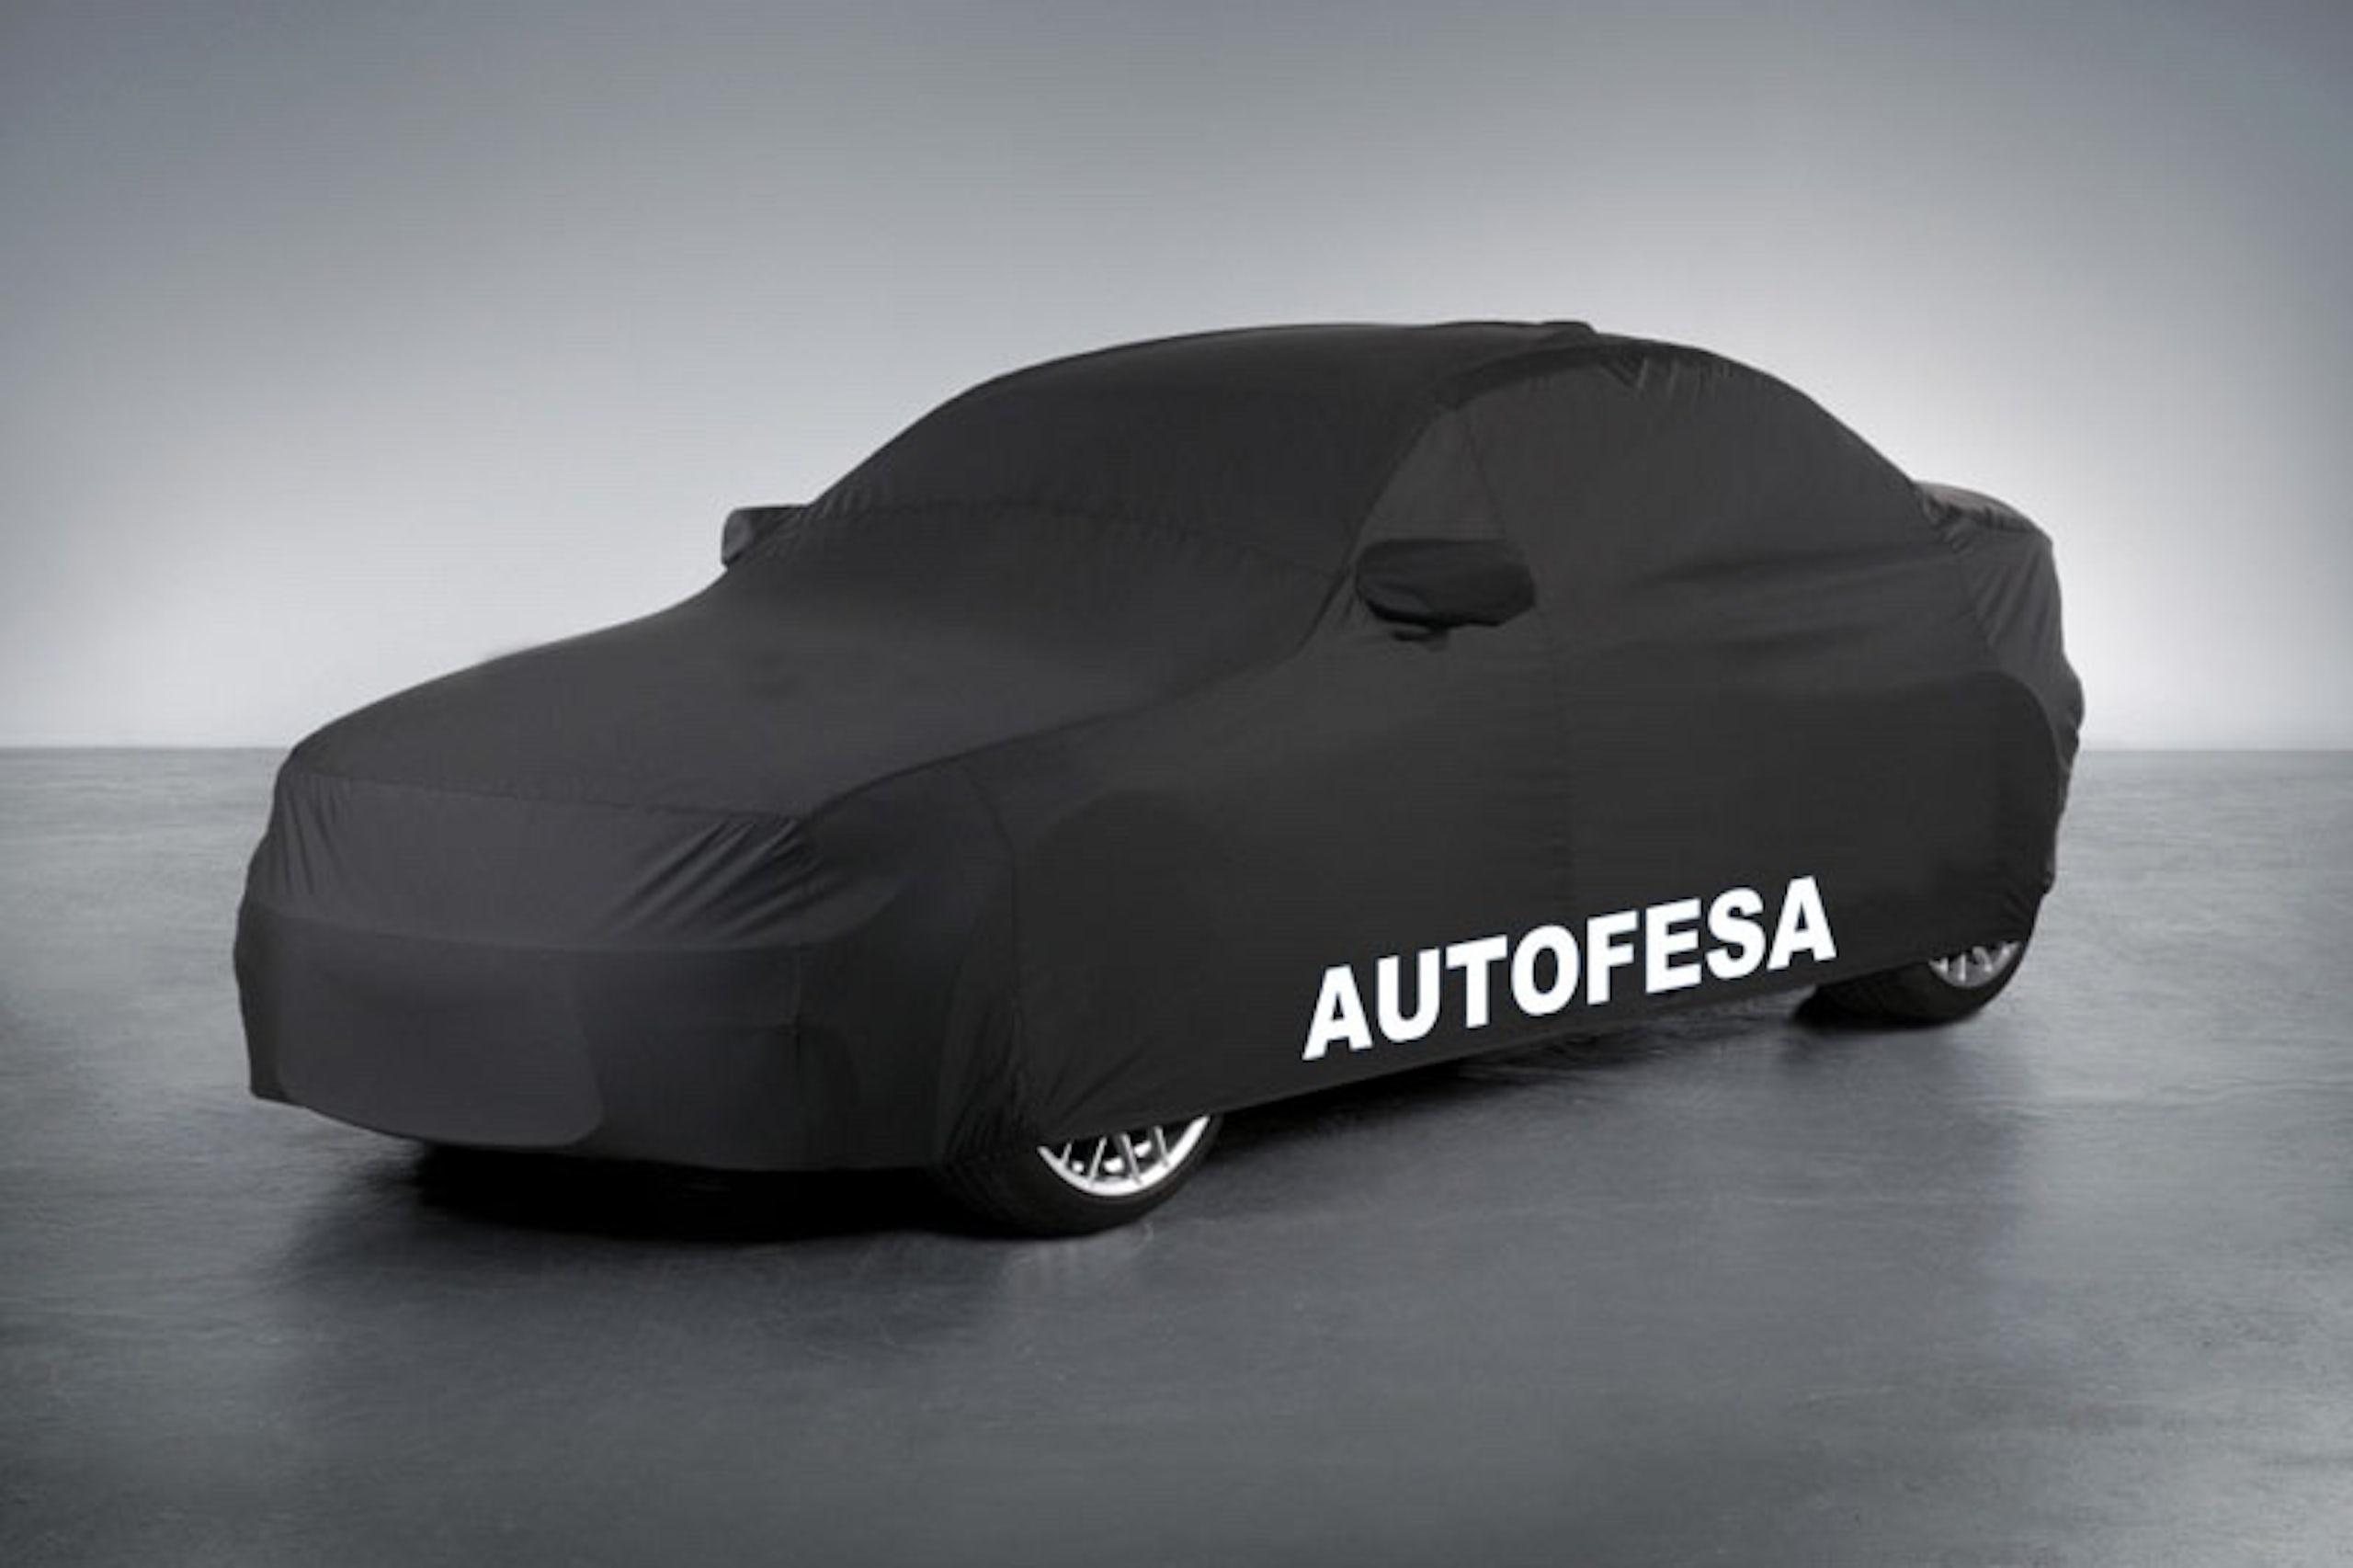 Mercedes-benz GLA 250 2.0 DCT 211cv AMG 4MATIC 7G Auto - Foto 33